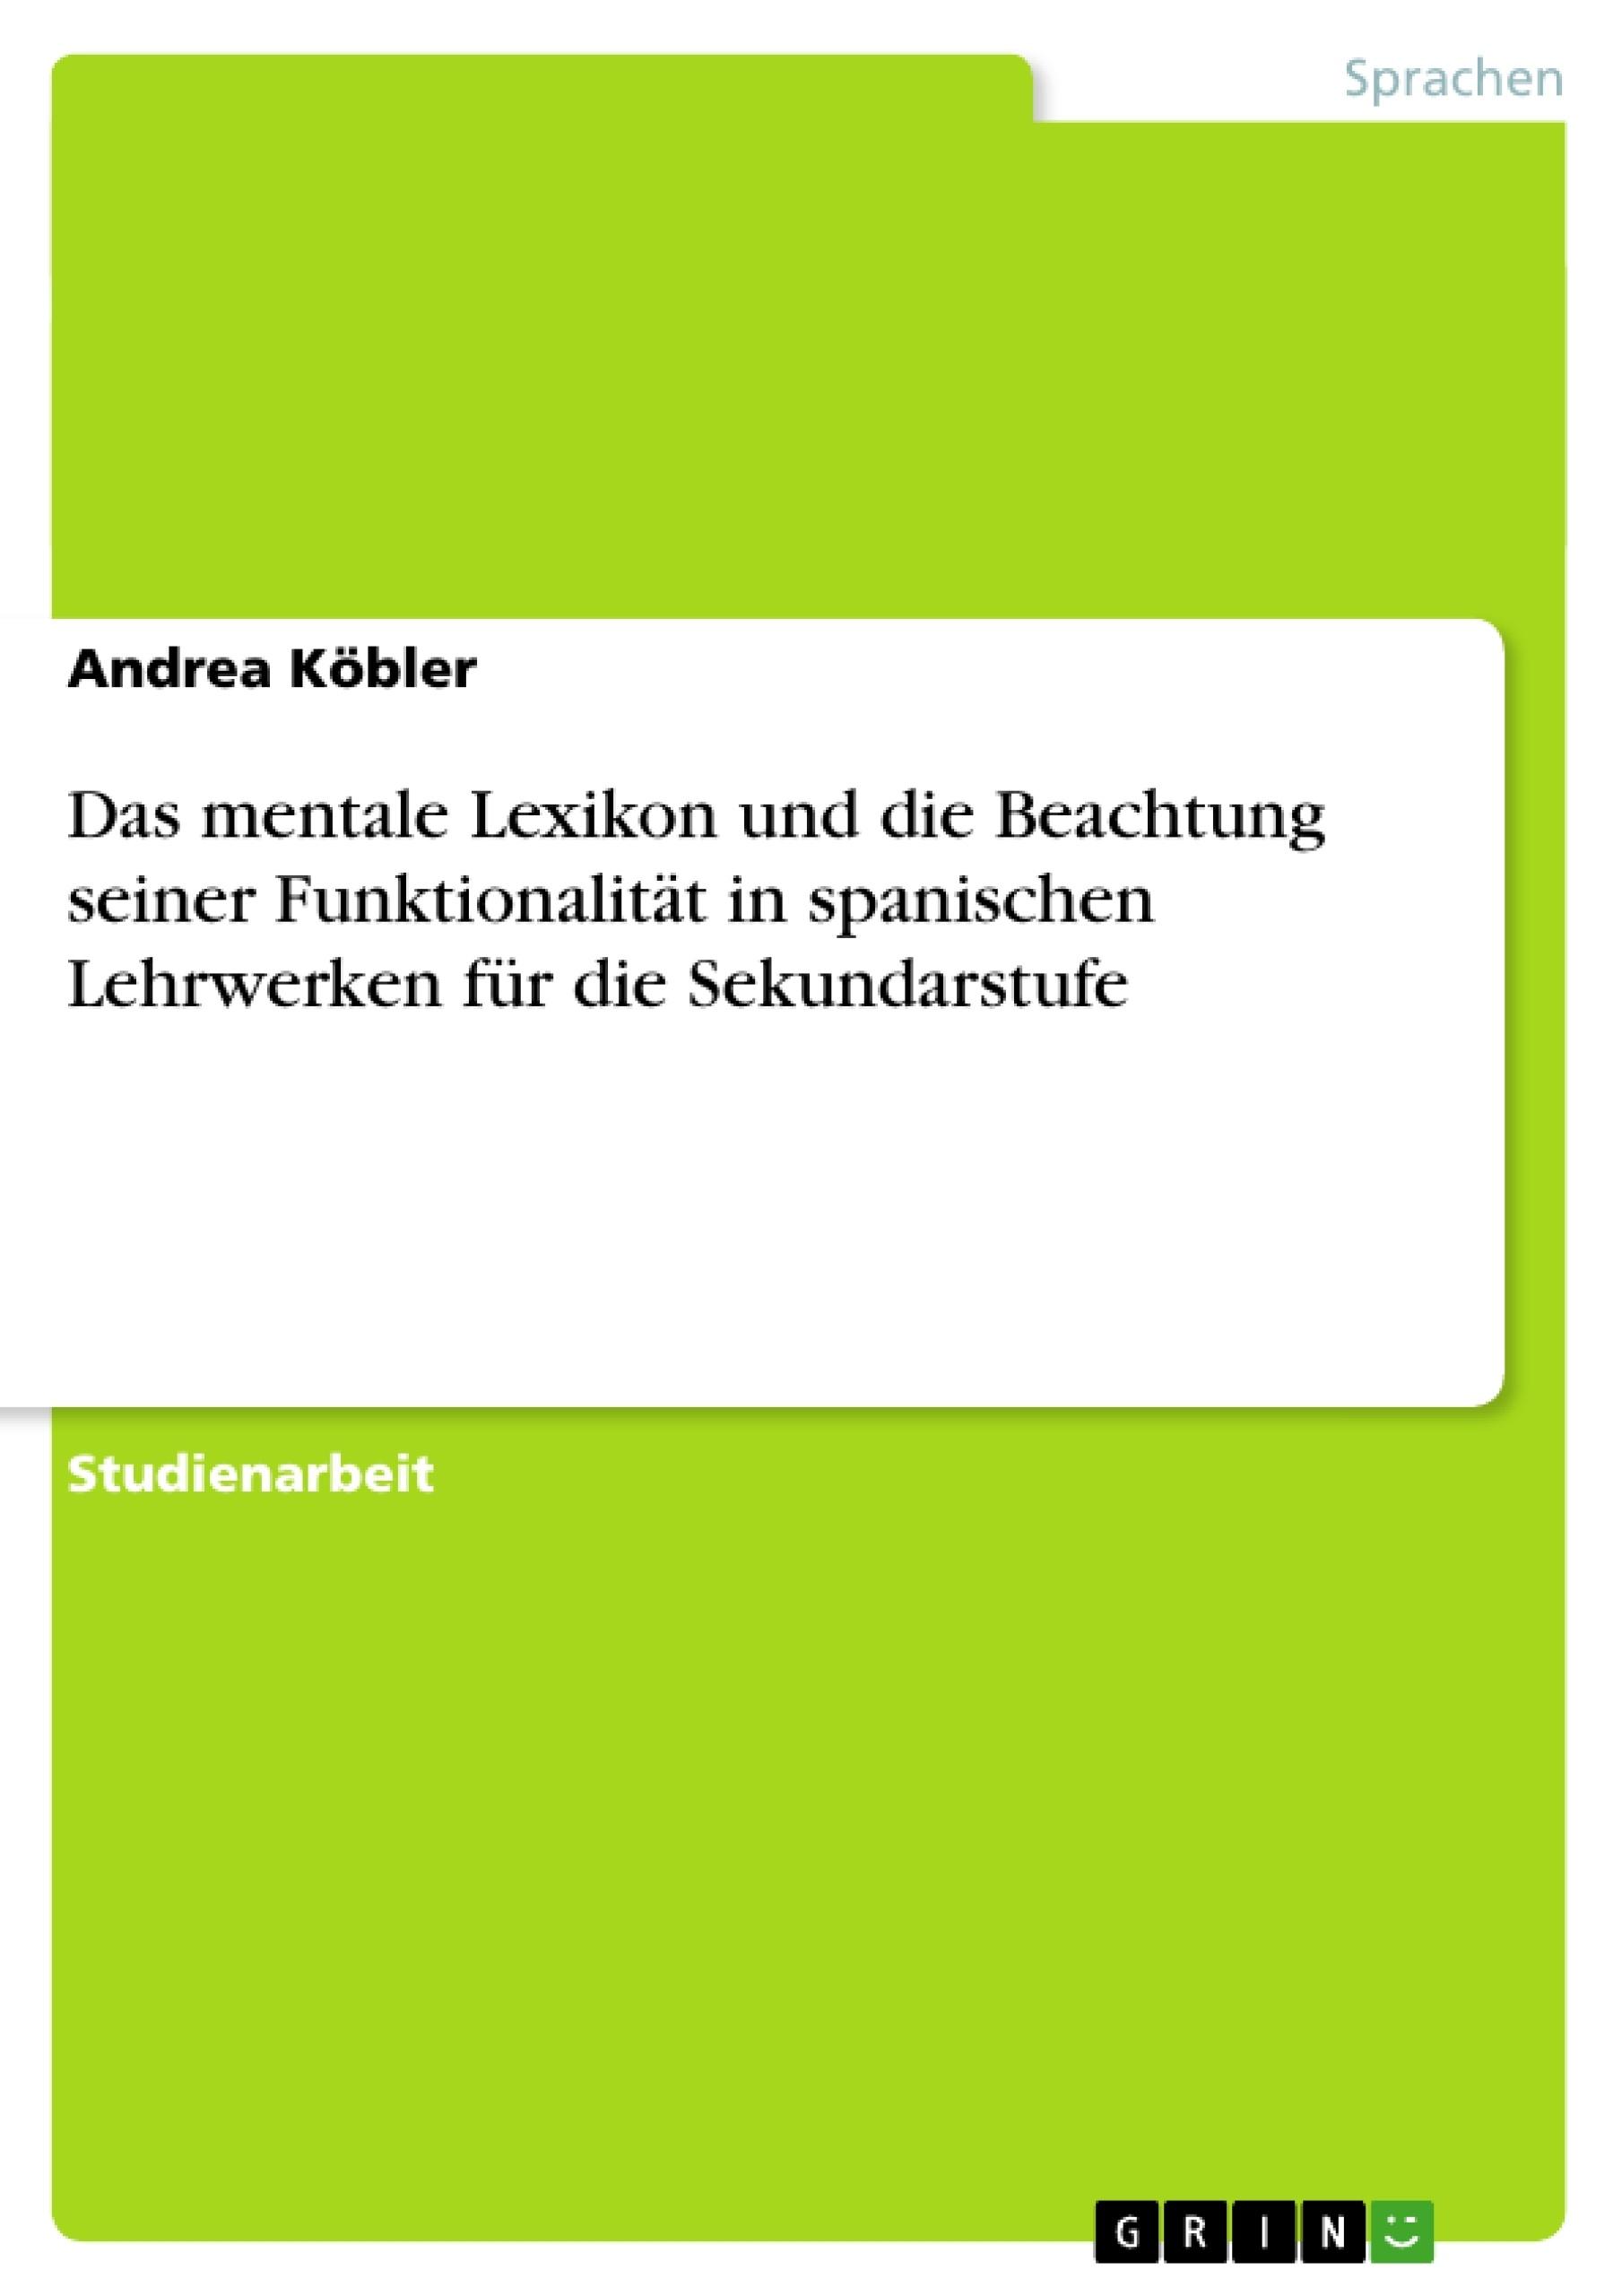 Titel: Das mentale Lexikon und die Beachtung seiner Funktionalität in spanischen Lehrwerken für die Sekundarstufe